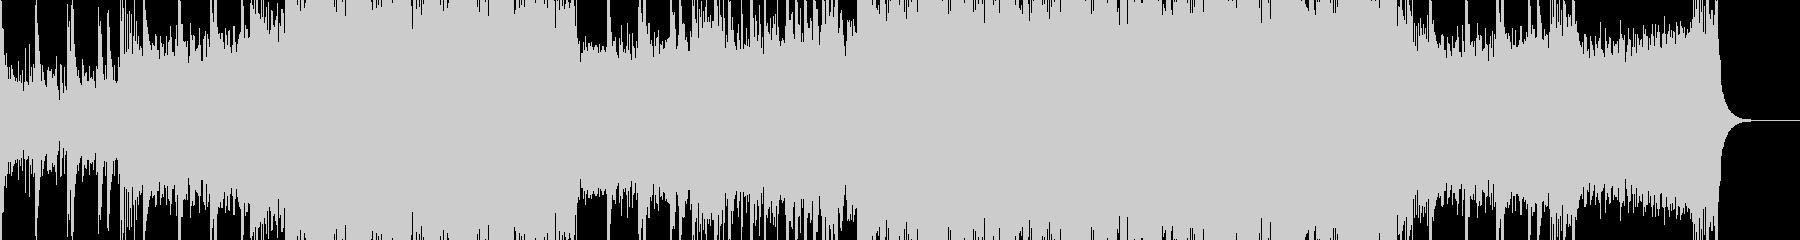 シンプルなロックの未再生の波形